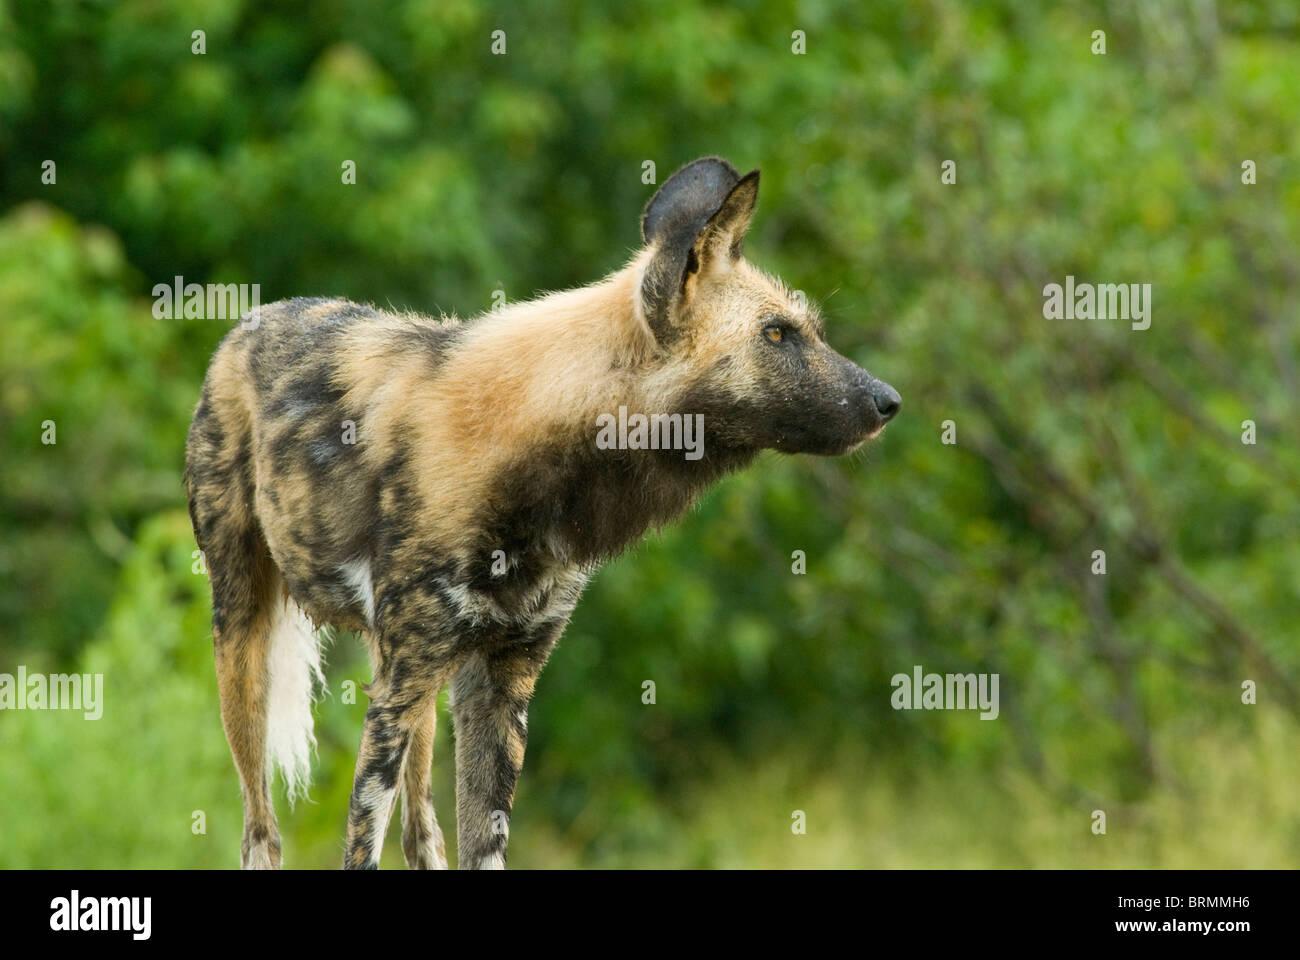 Ein einzelnes wilder Hund, aufmerksam und wachsam Stockbild